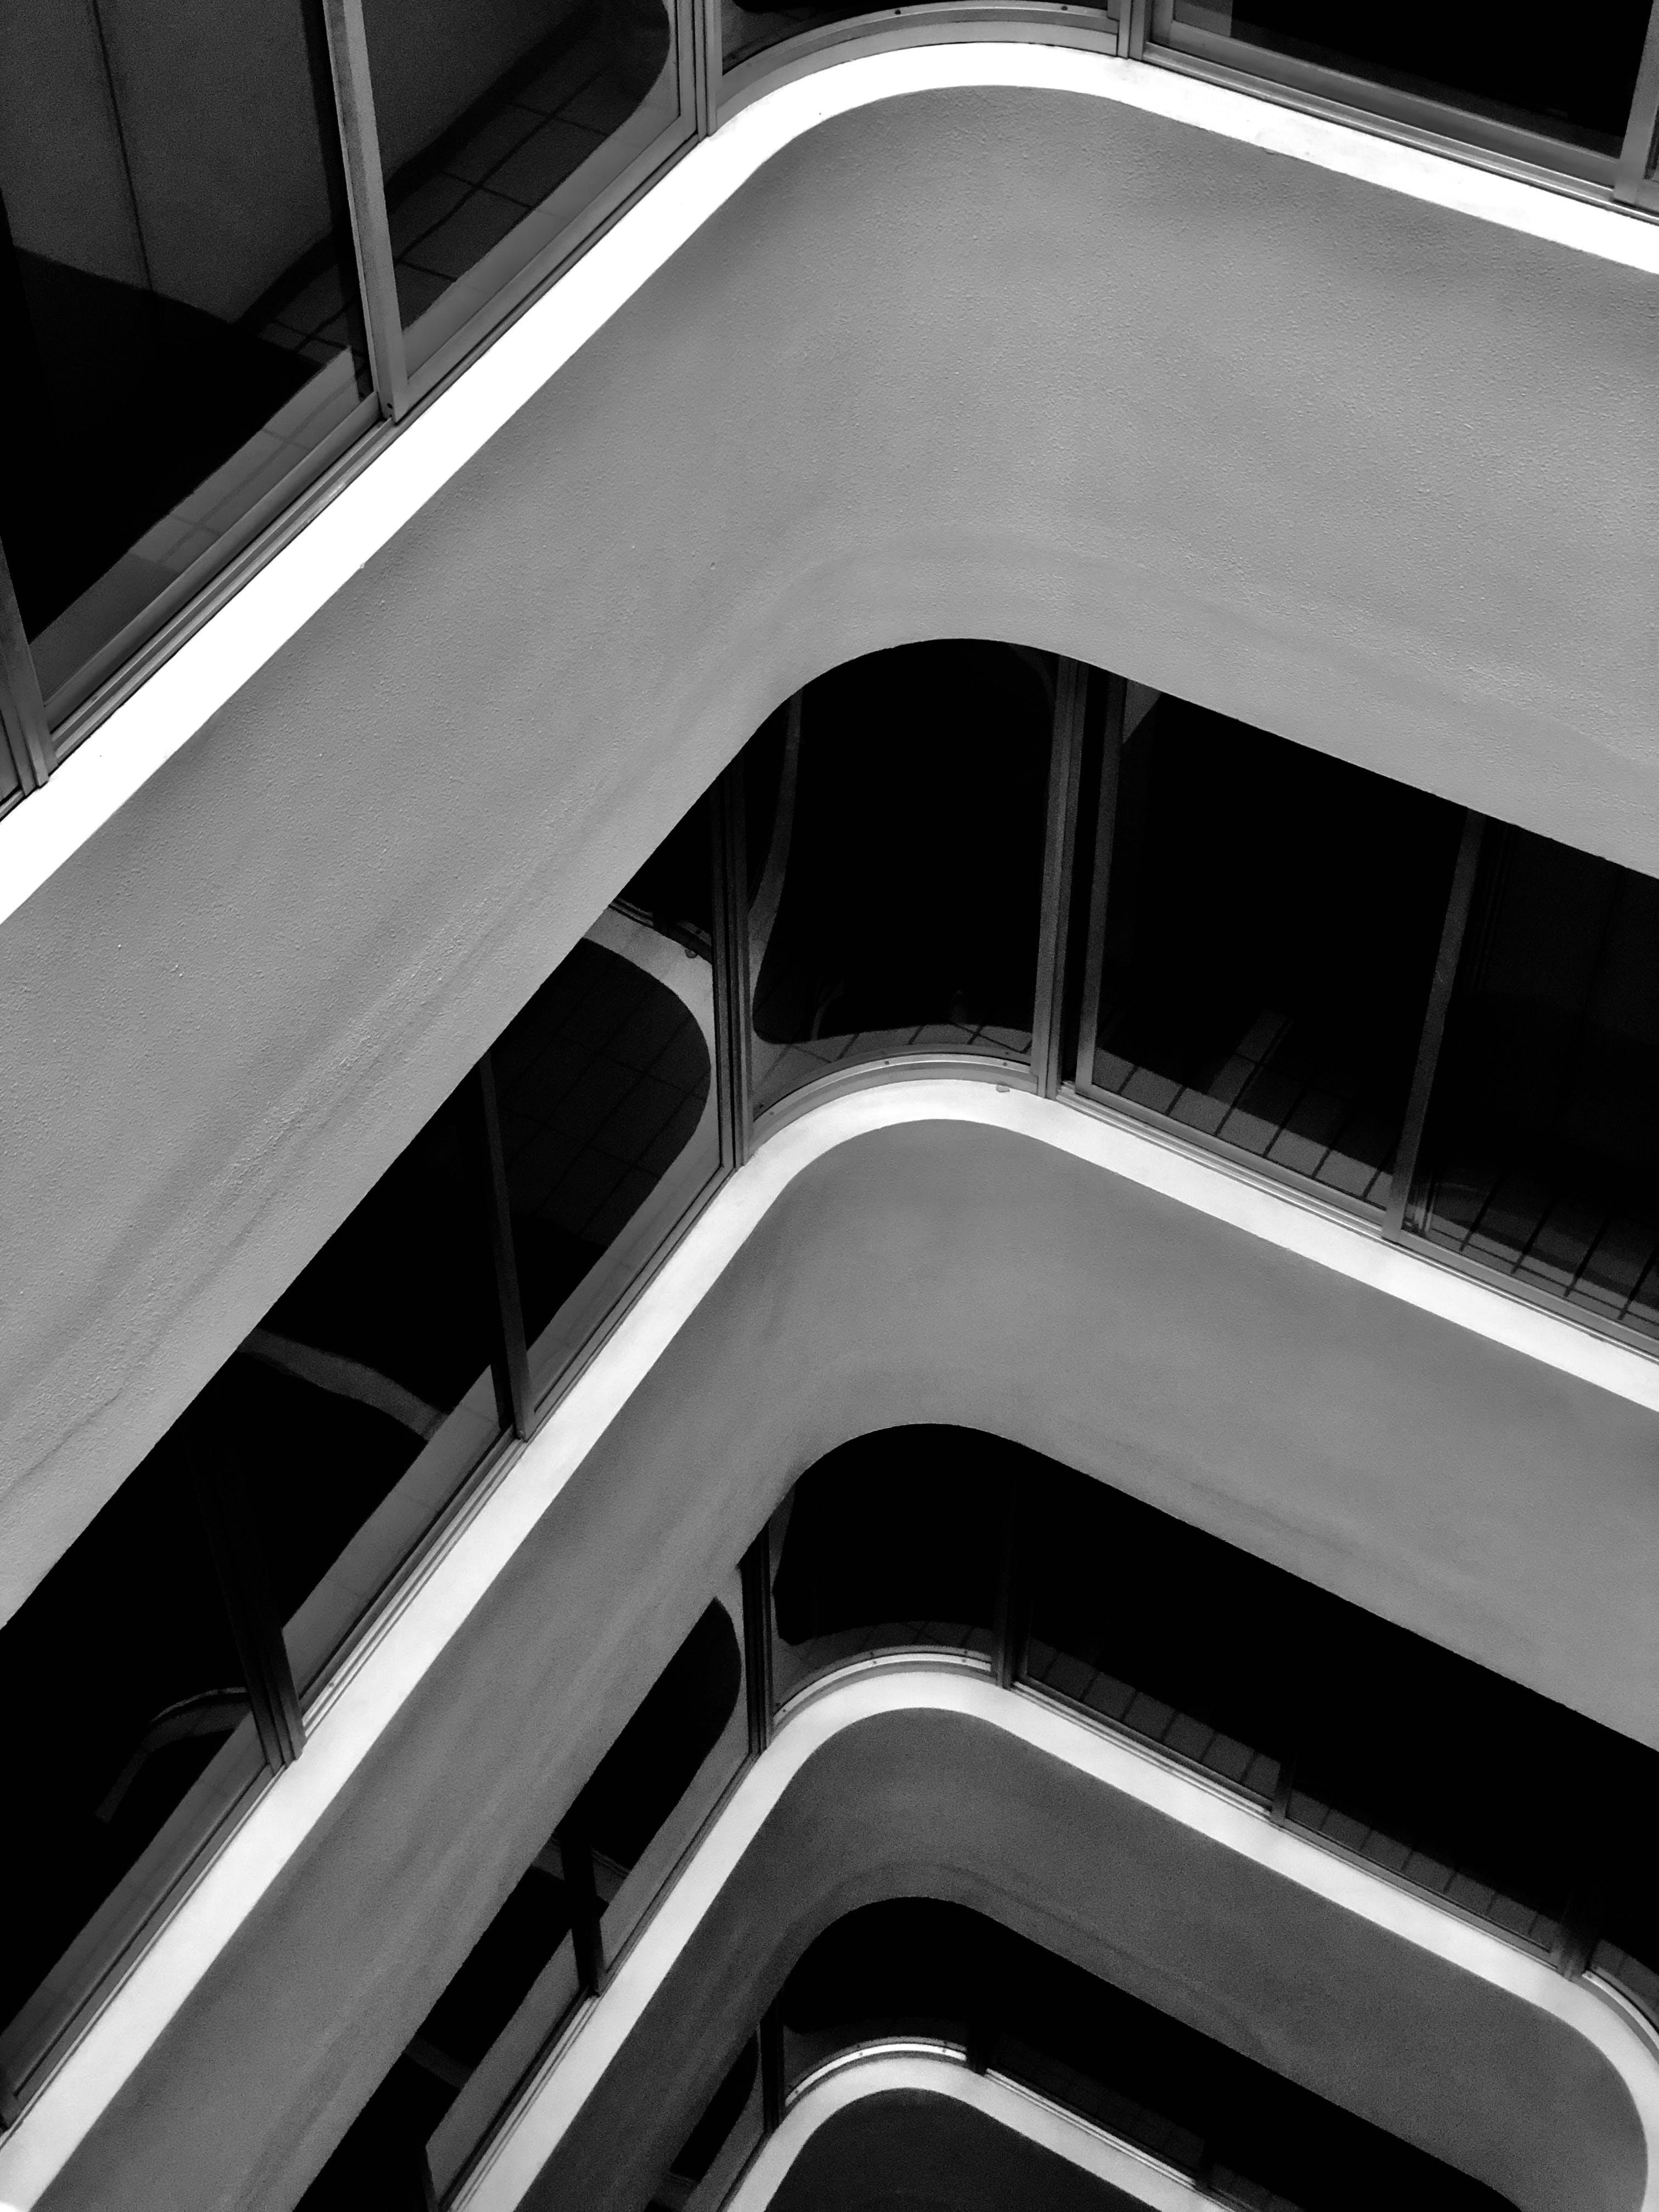 Foto stok gratis Arsitektur, Bangunan modern, barang kaca, Desain